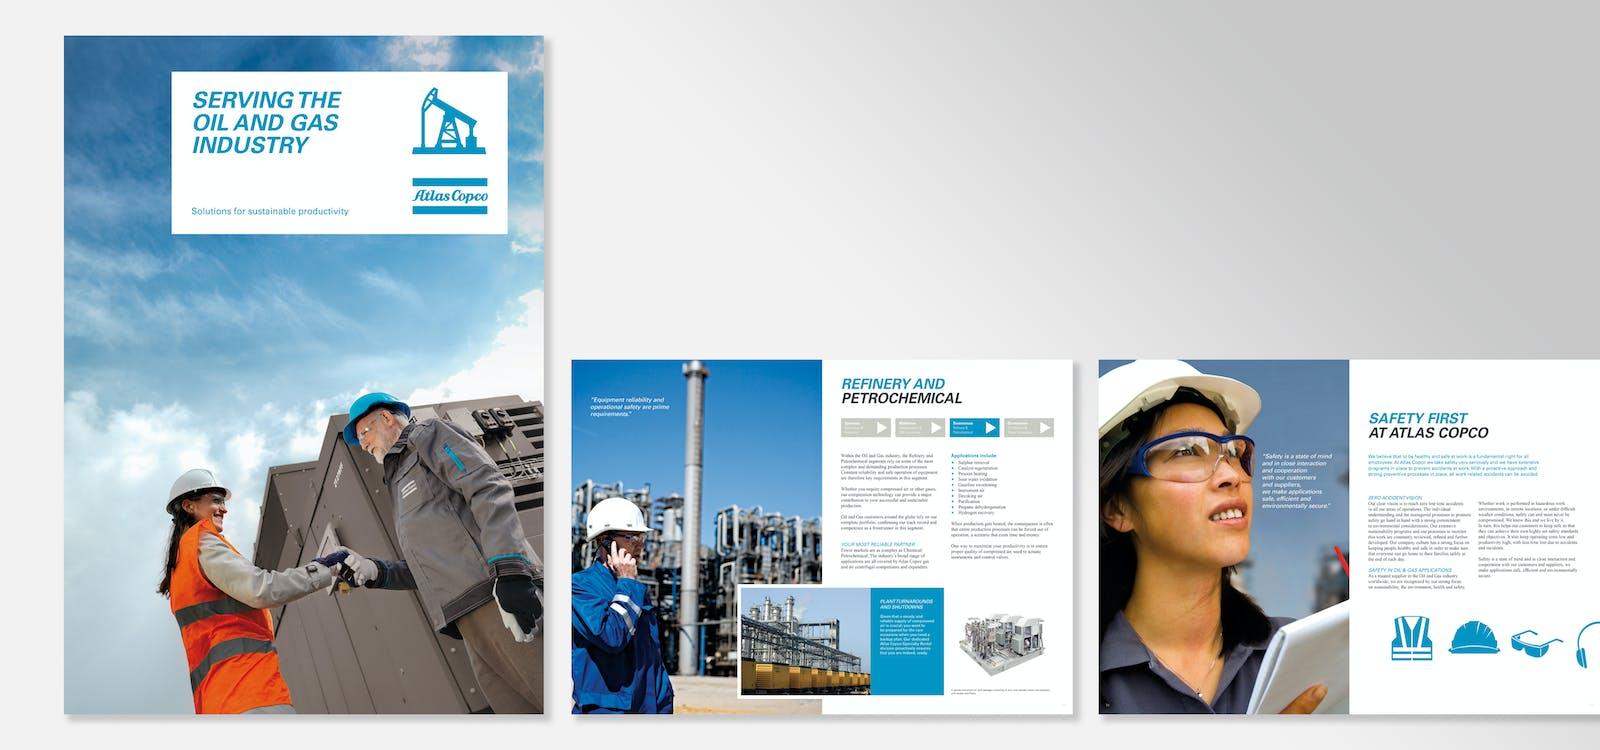 Atlas copco oil gas